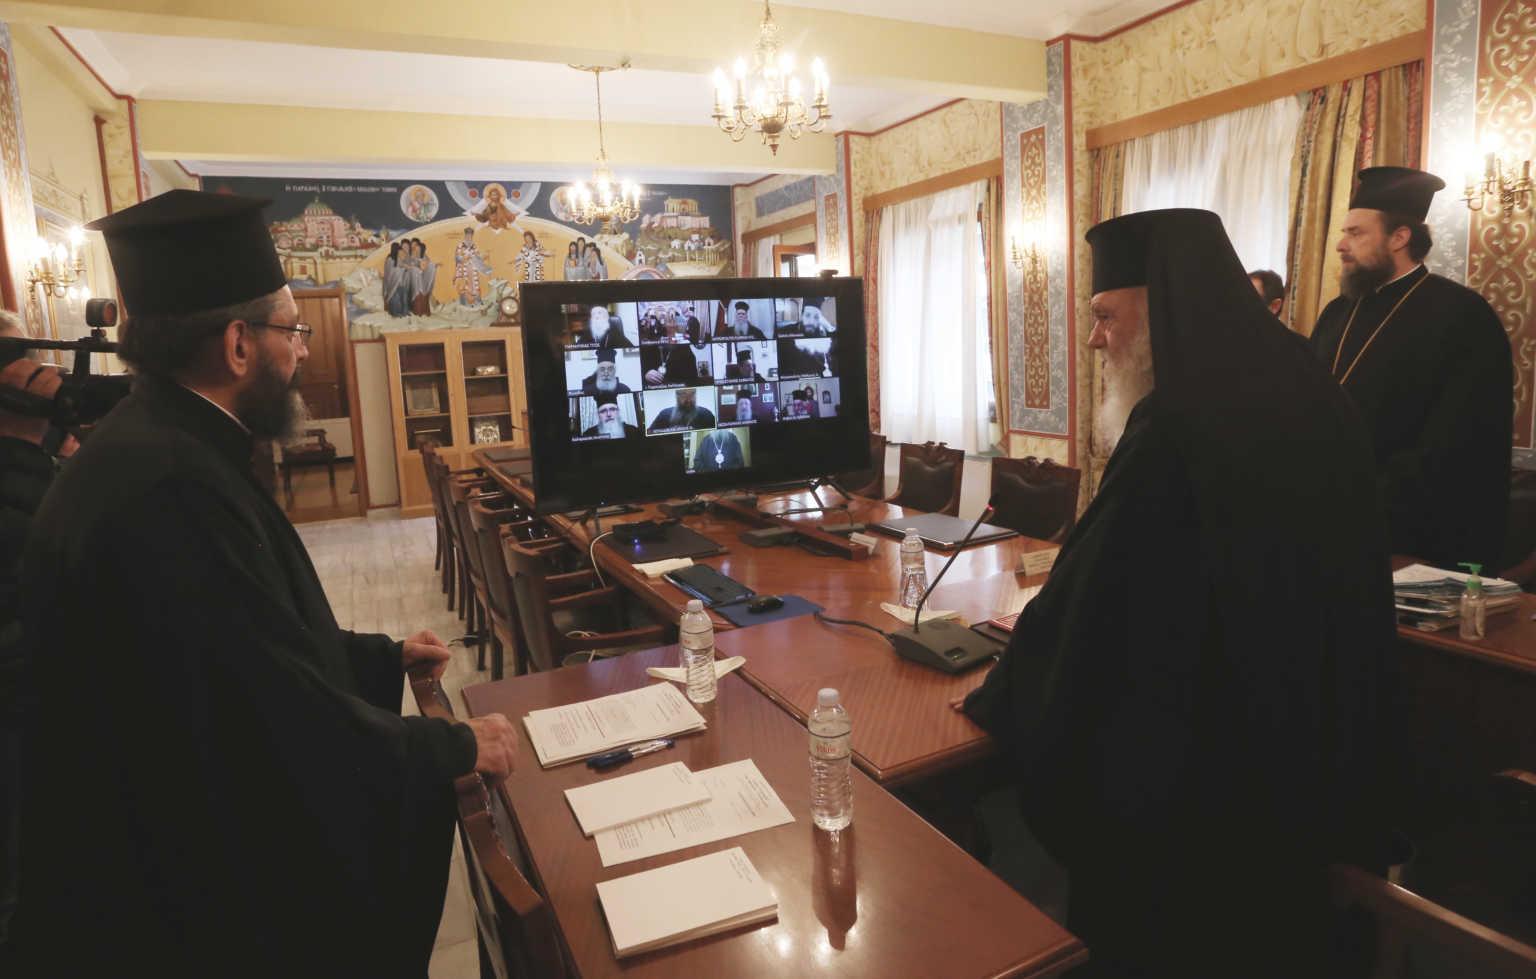 Ιερά Σύνοδος: Χωρίς πιστούς η Θεία Λειτουργία την Μεγάλη Εβδομάδα και Ανάσταση… ένα μήνα μετά